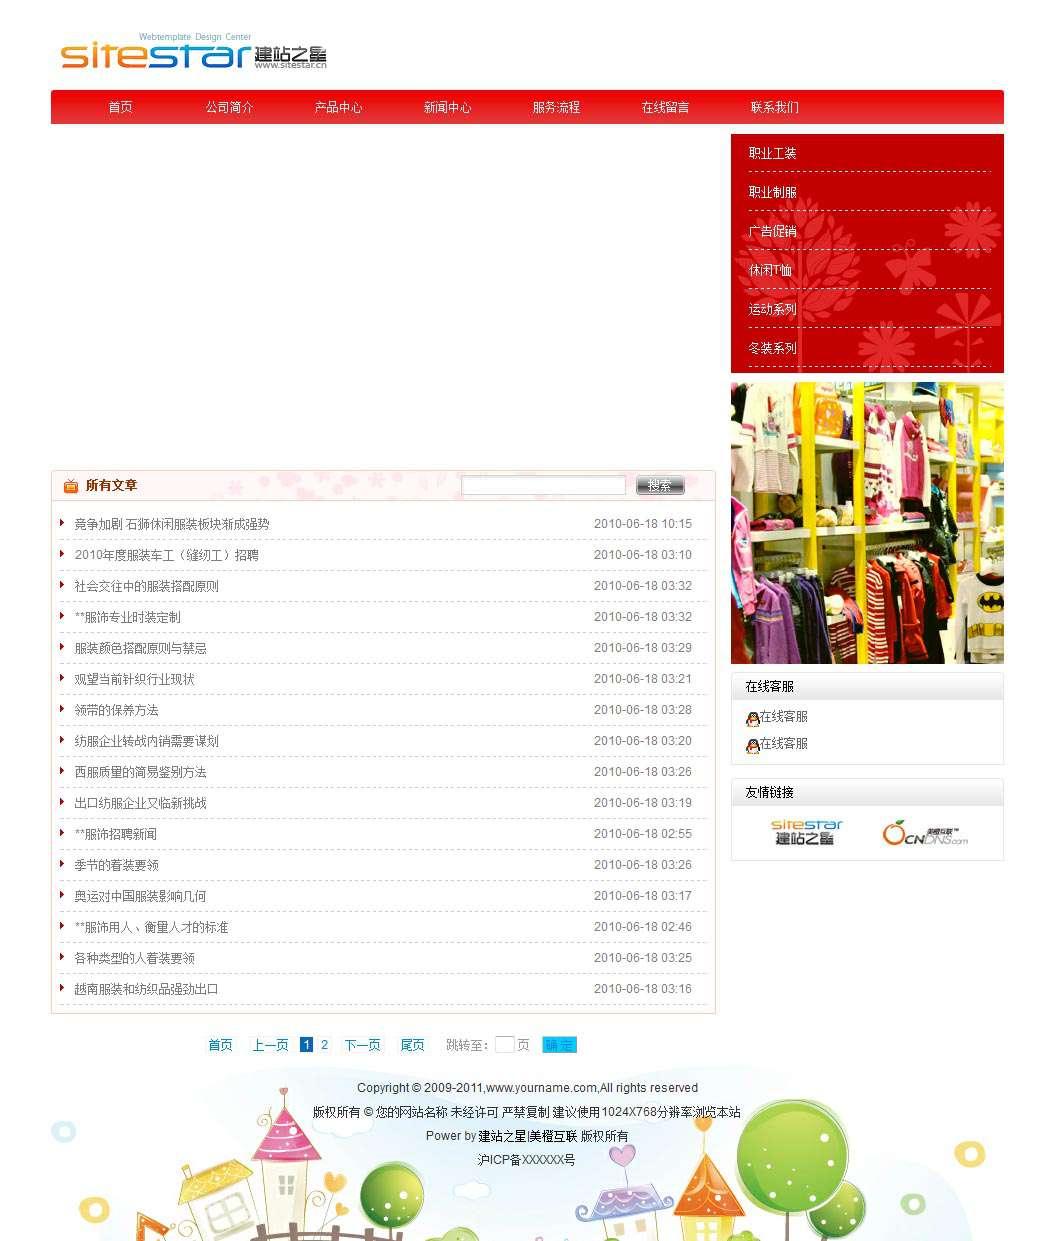 企业网站-服装A19模板列表页面